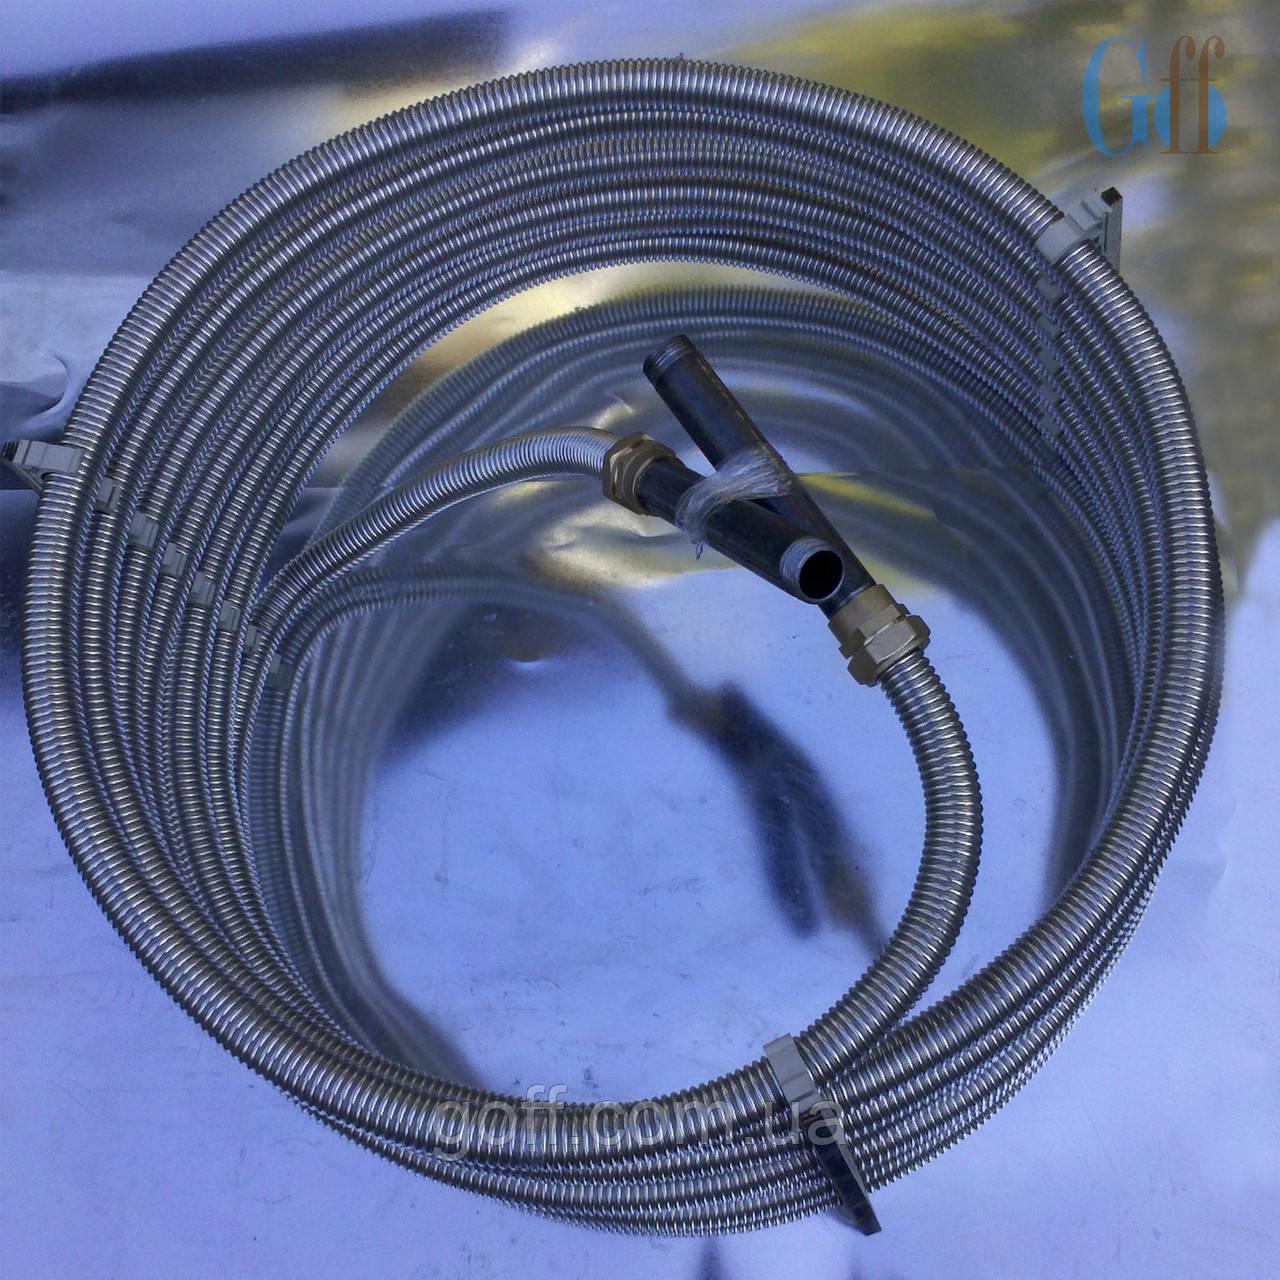 Теплообменник из нержавеющей гофрированной трубы Пластины теплообменника Анвитэк AMX 30 Ачинск